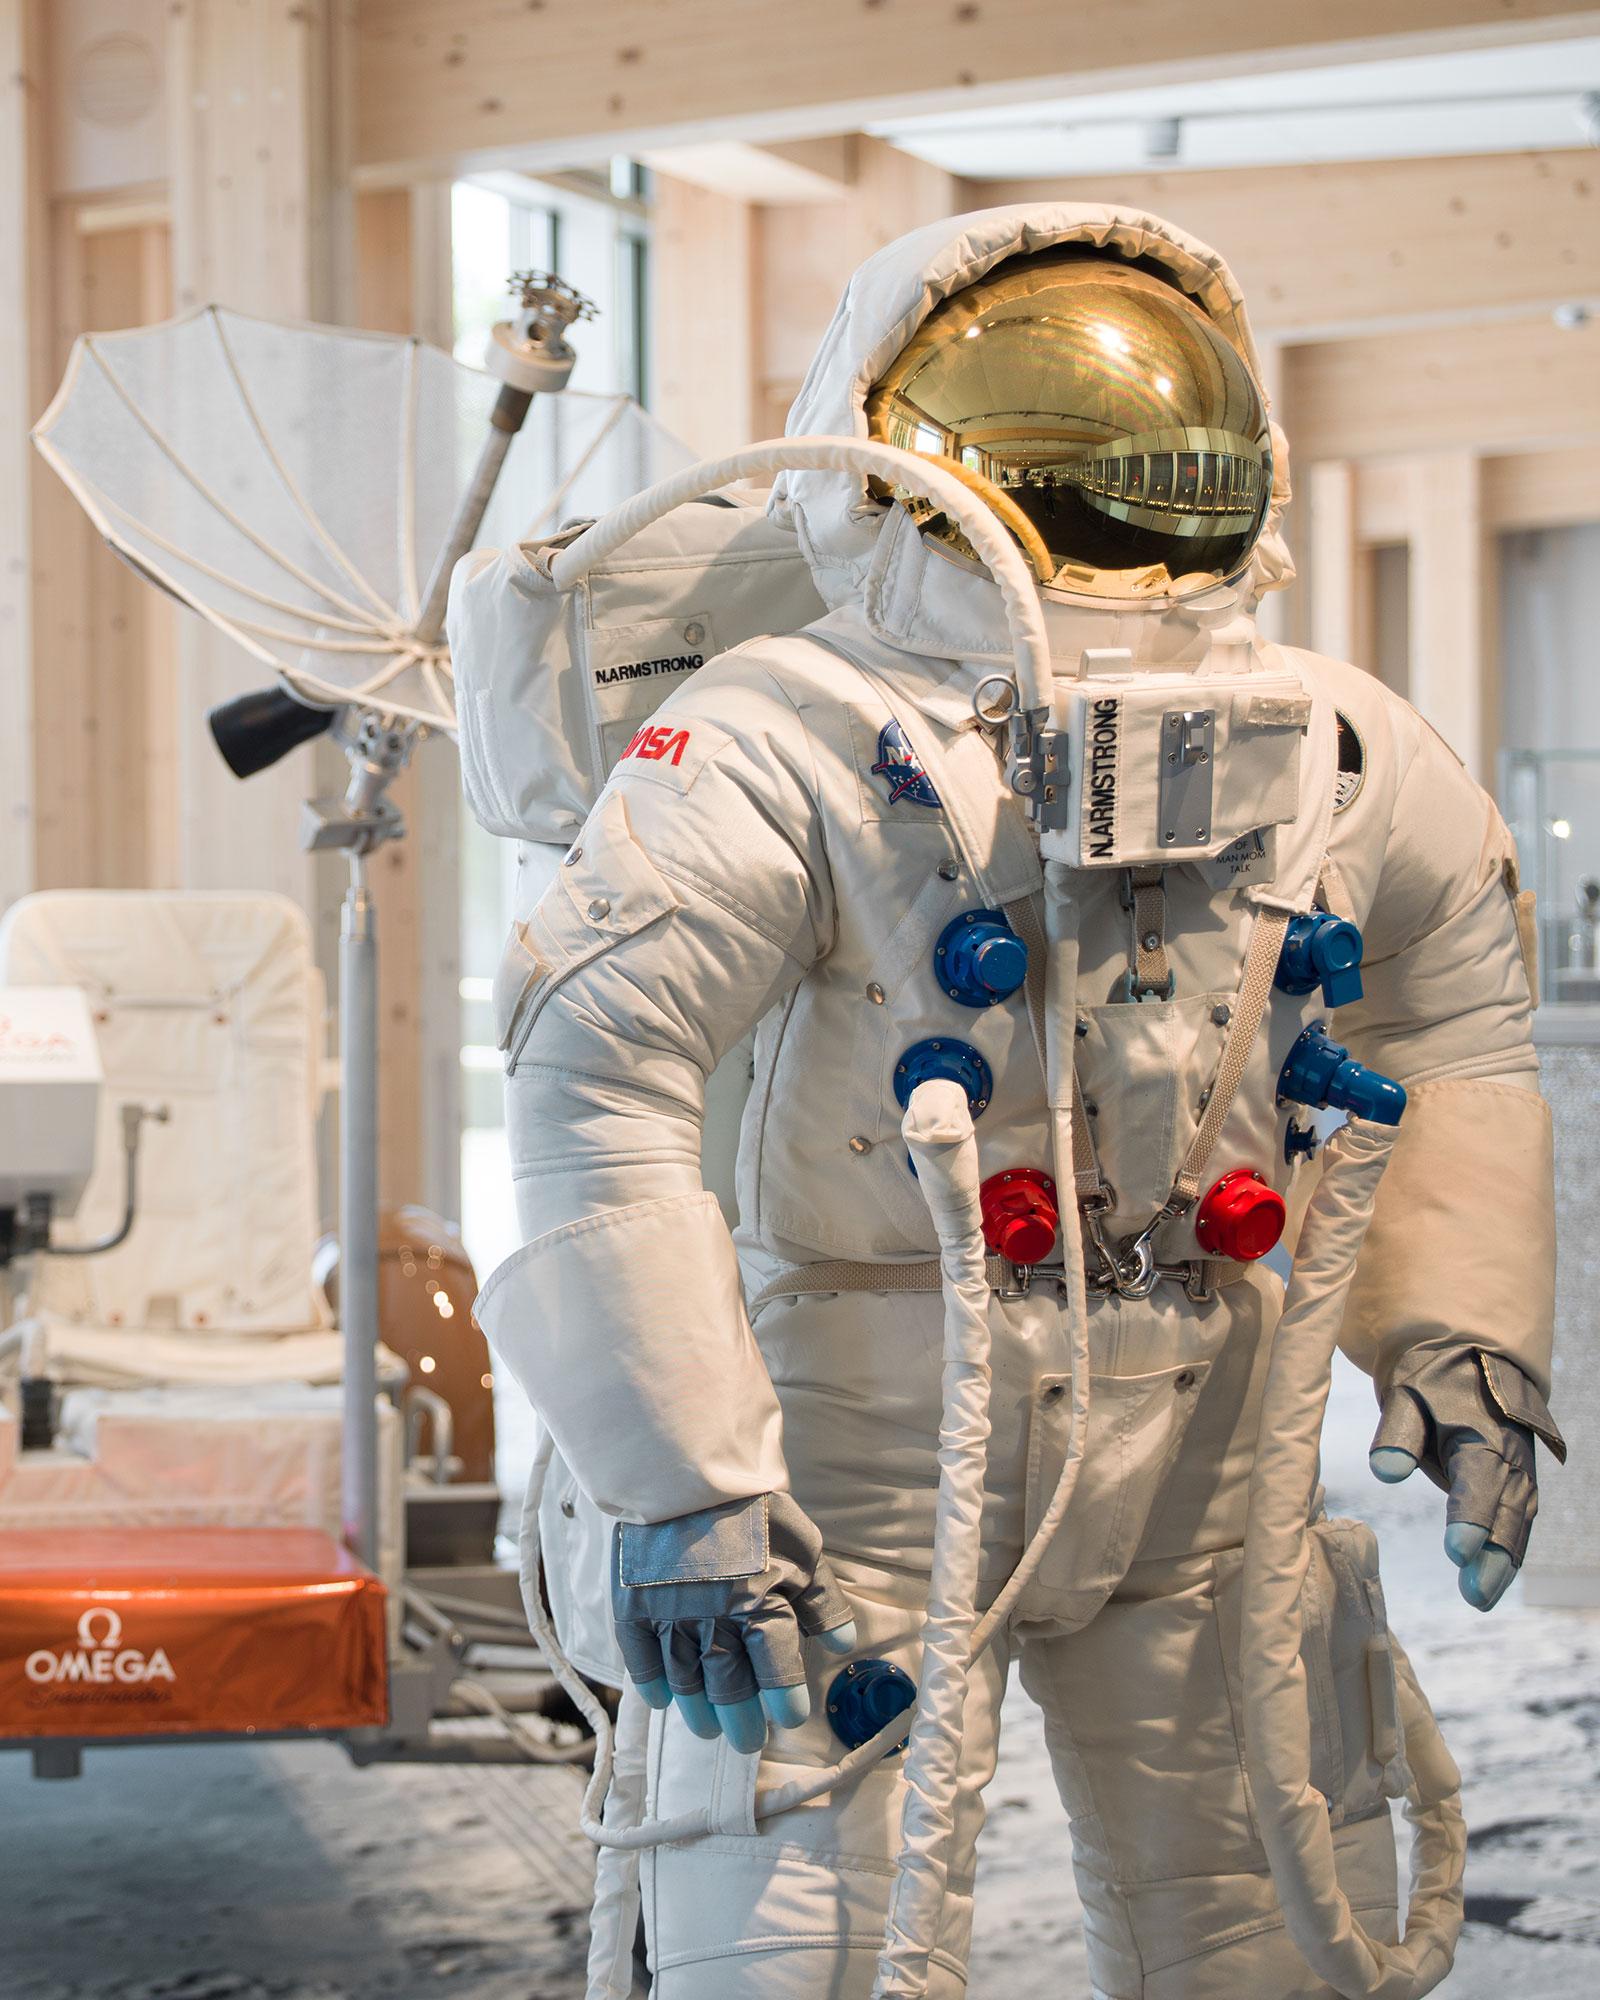 omega museum astronaut spacesuit